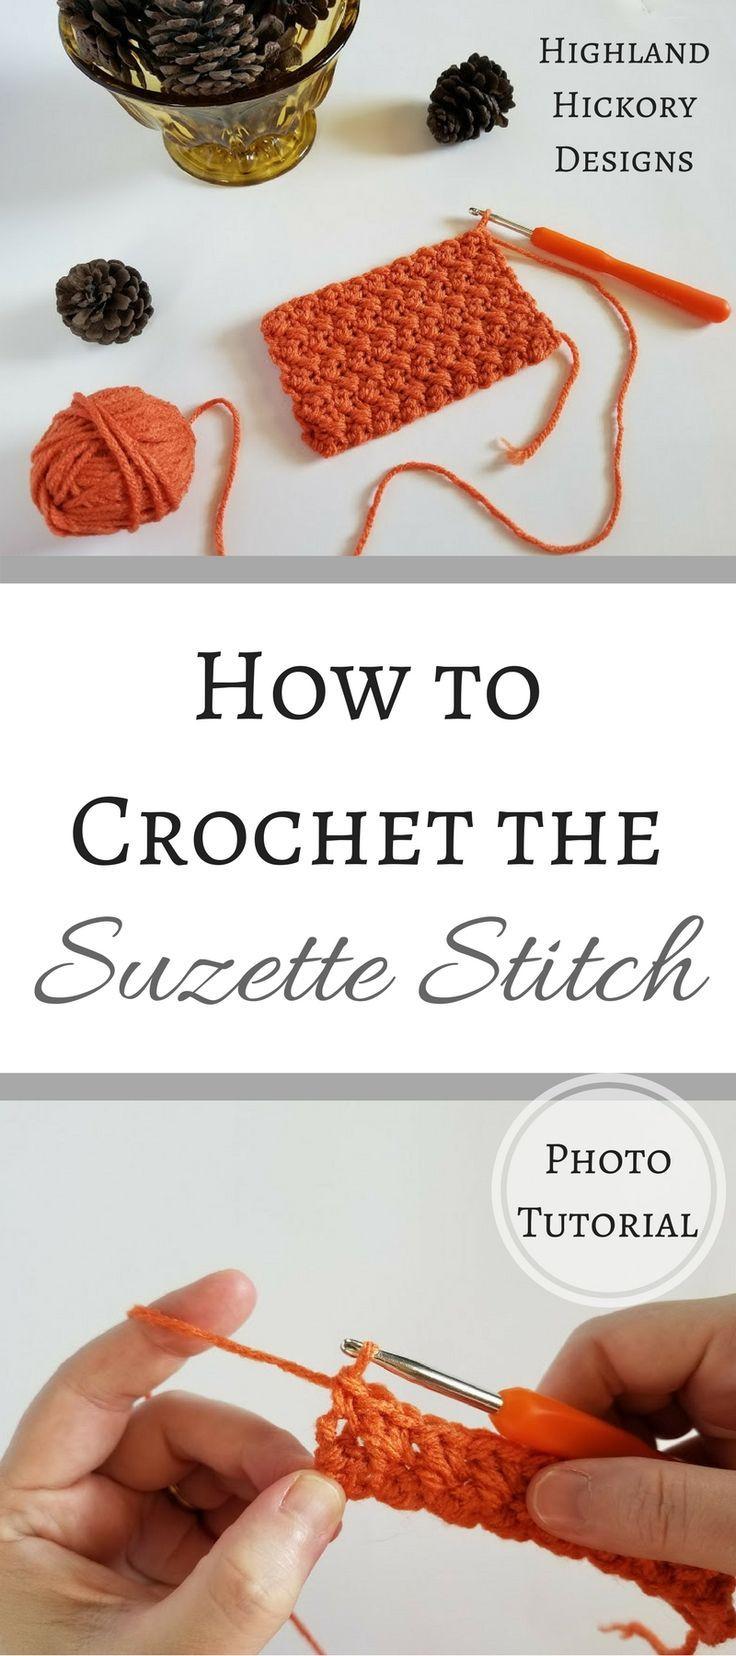 How to Crochet the Suzette Stitch | Ganchillo, Tejido y Me encantas